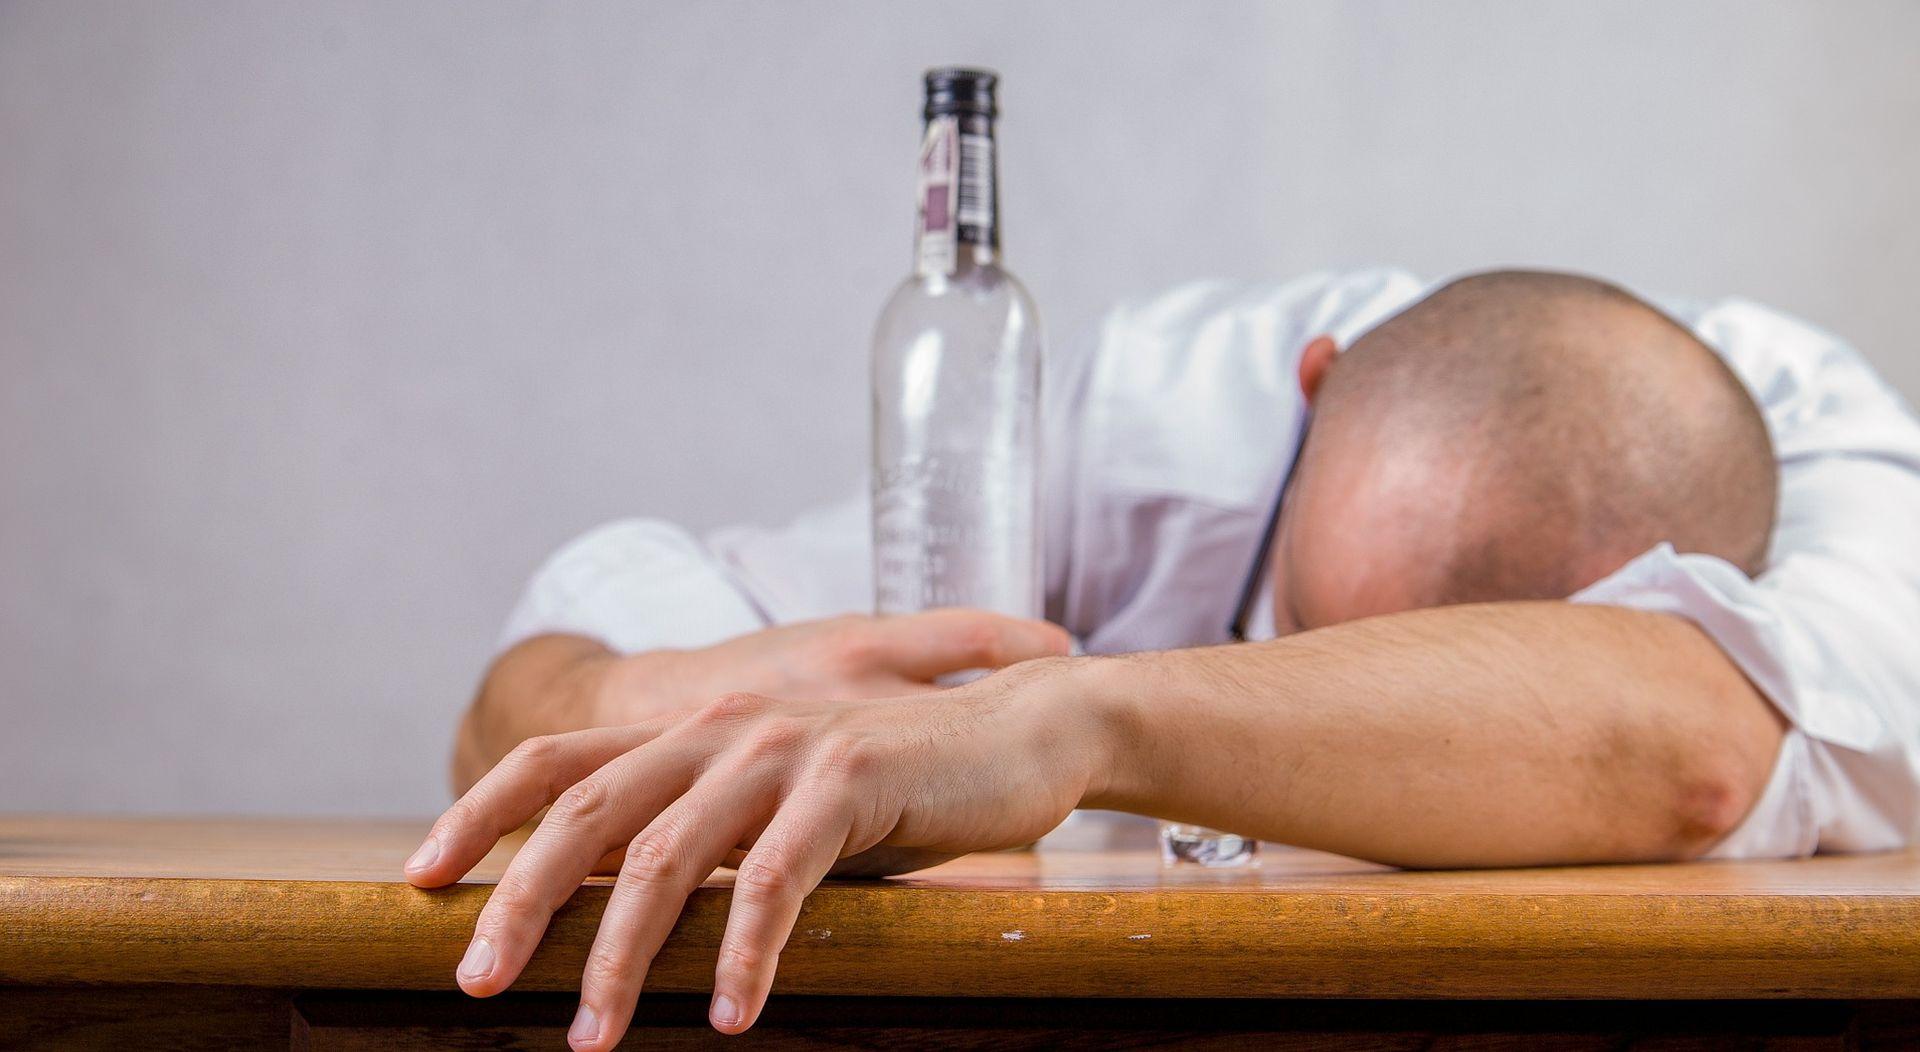 VIDEO: NESLA(V)NO Hrvatski 15-godišnjaci prednjače u konzumaciji alkohola i cigareta